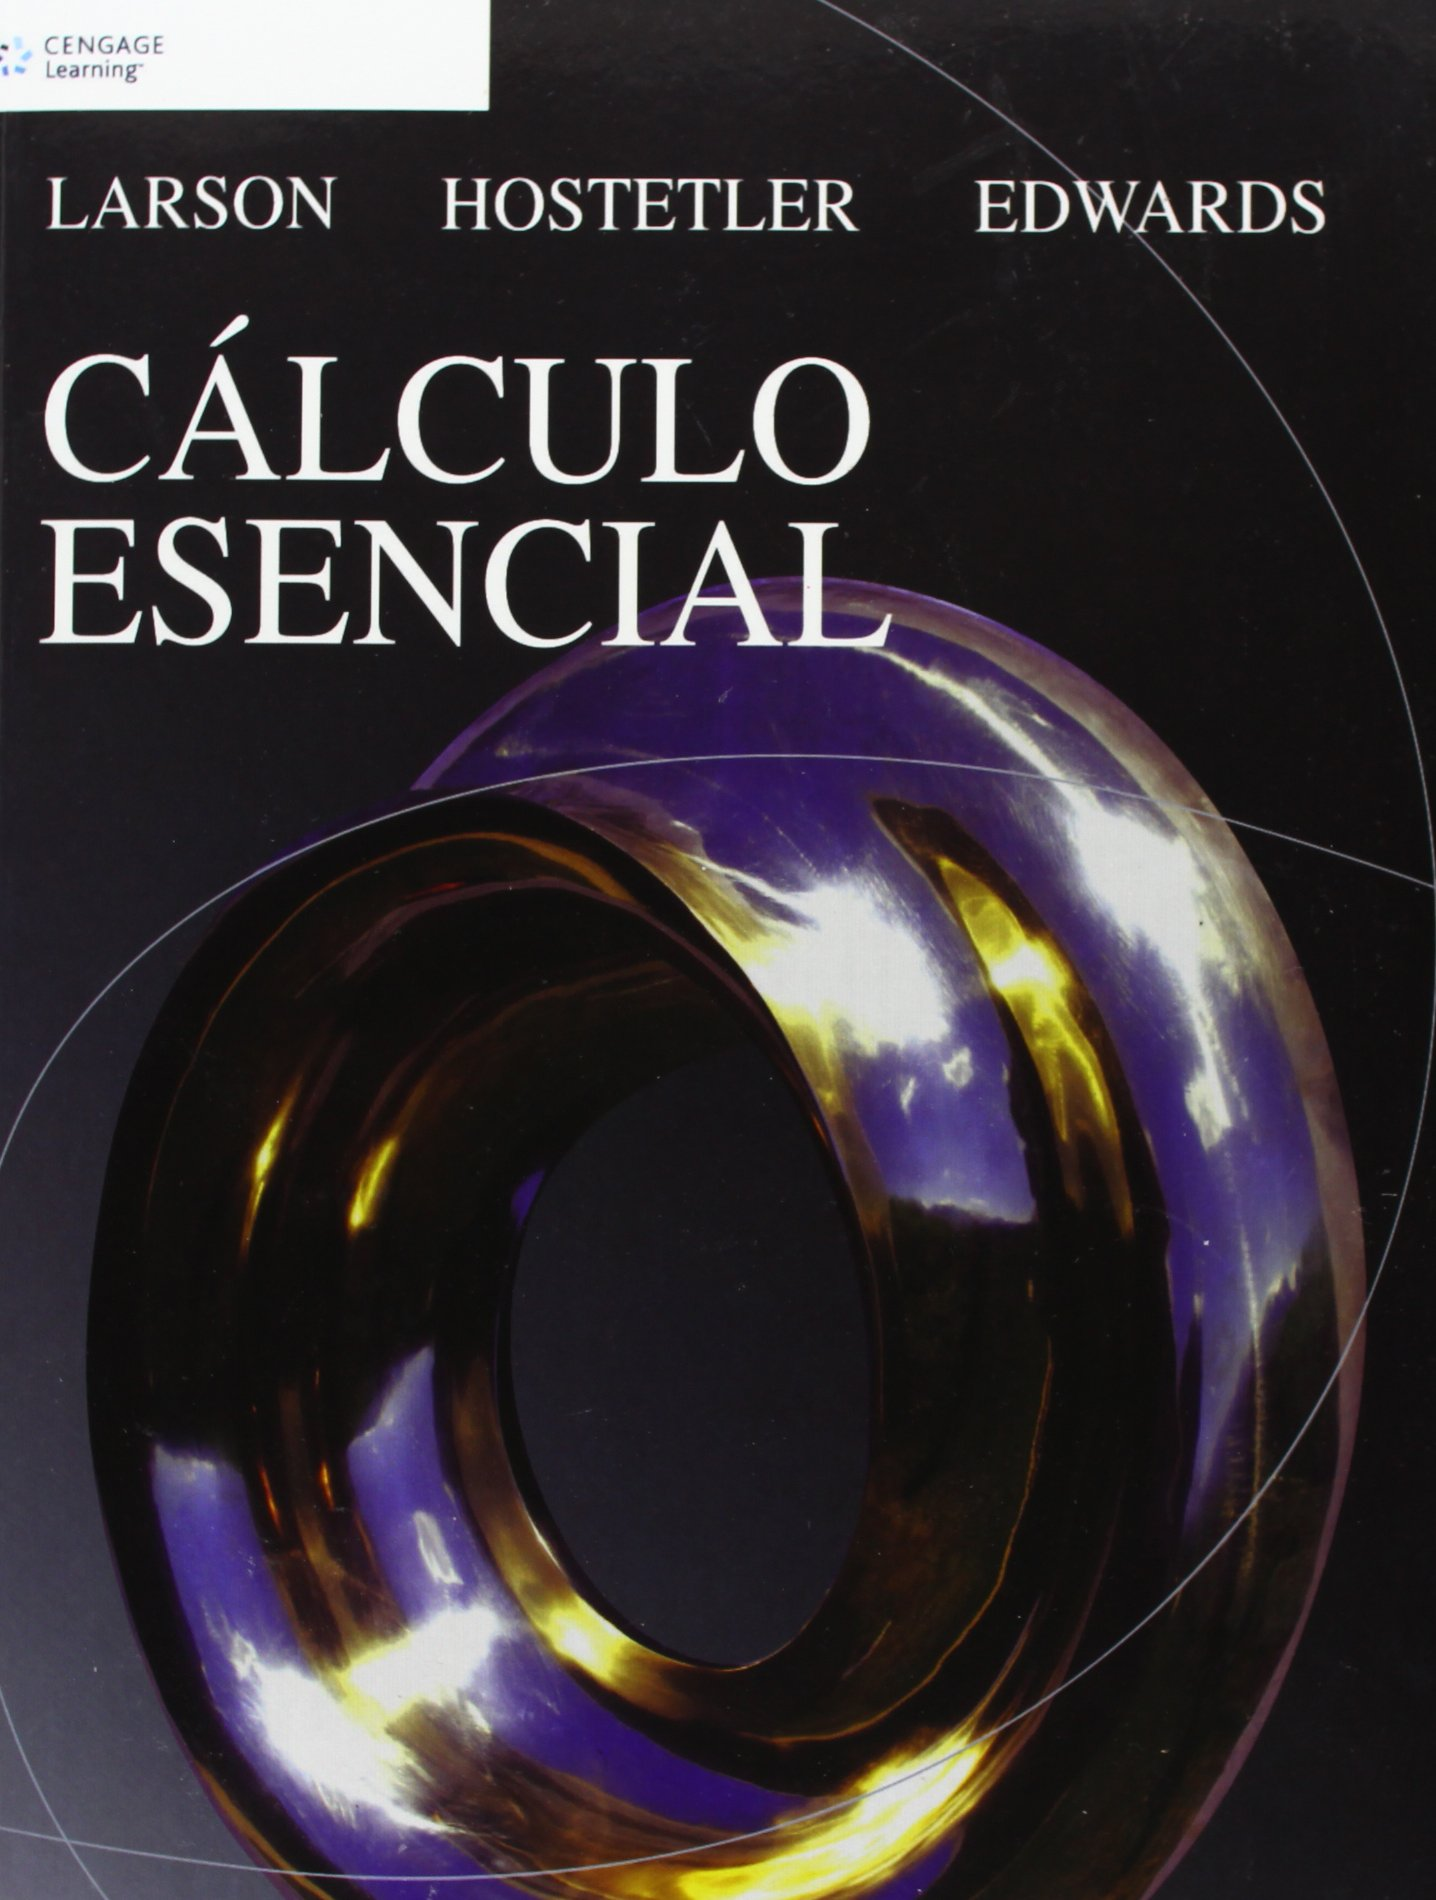 calculo esencial larson